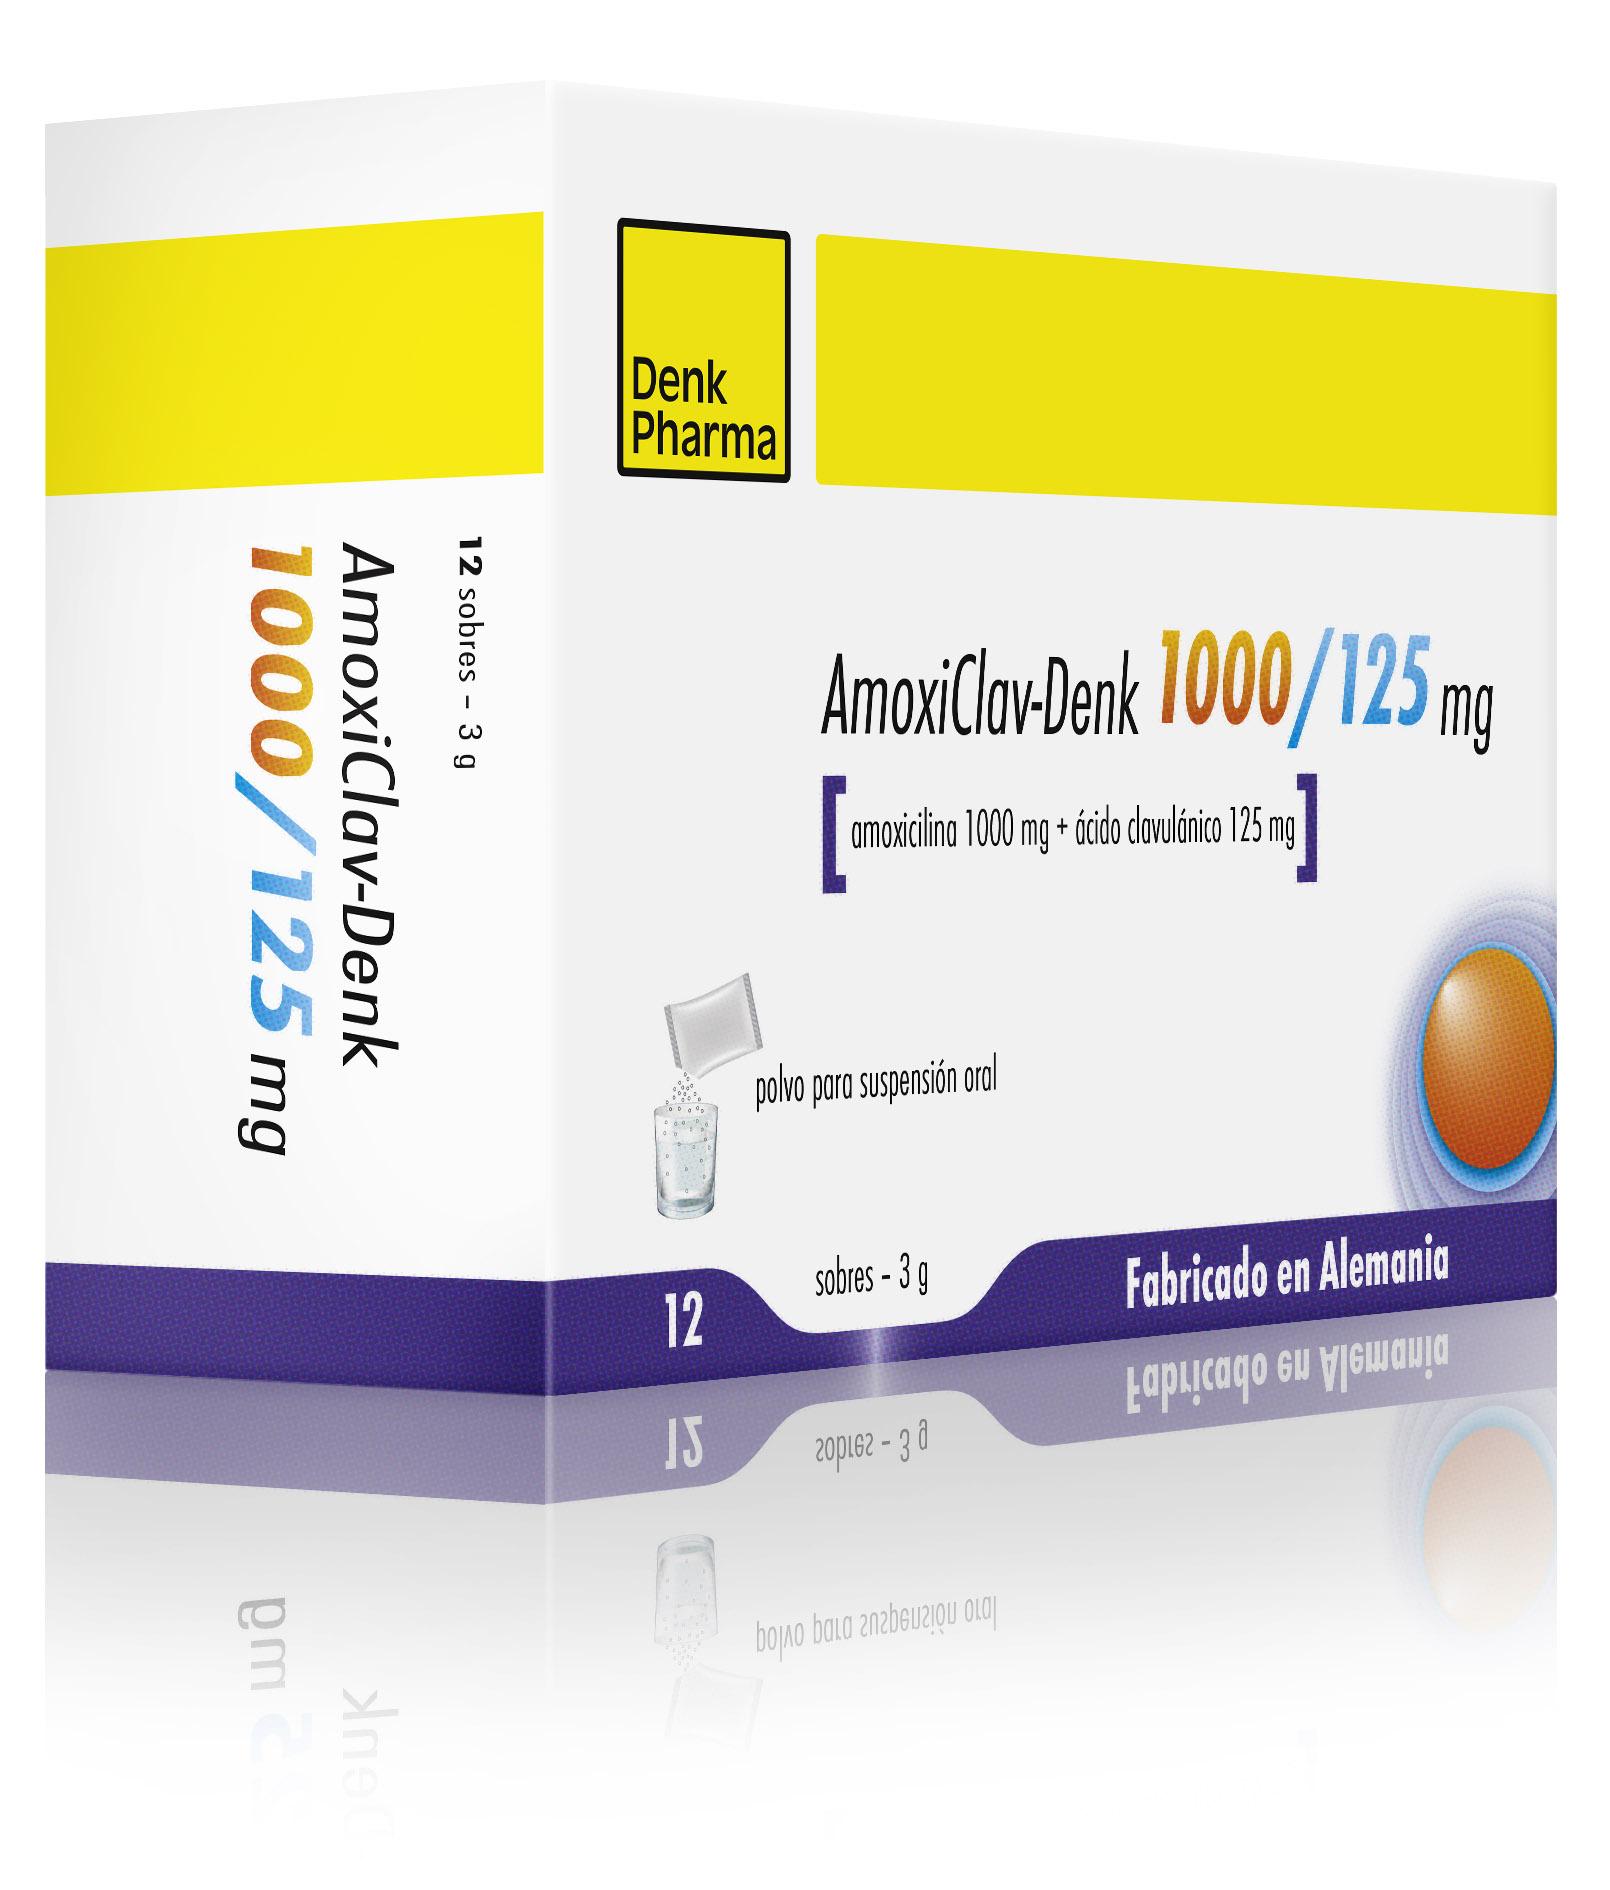 AmoxiClav-Denk 1000_125 gross